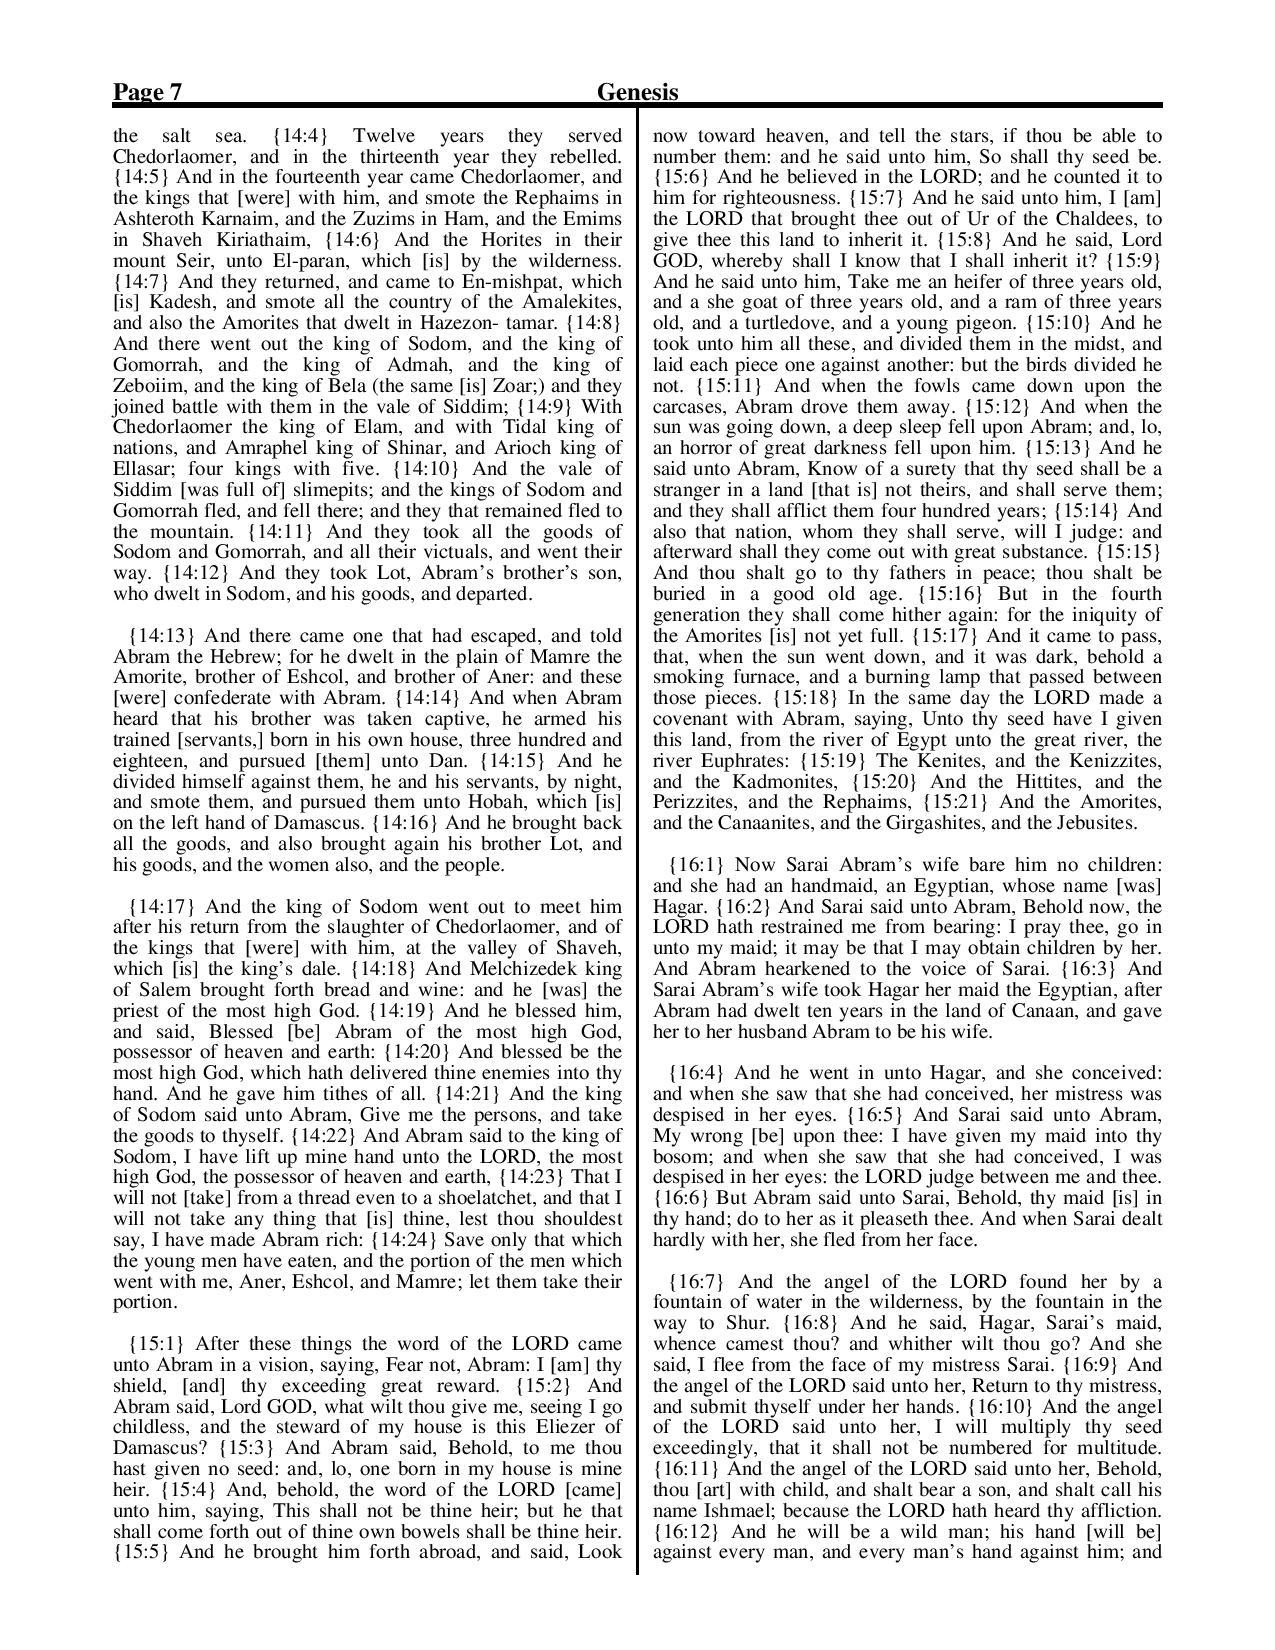 King-James-Bible-KJV-Bible-PDF-page-028